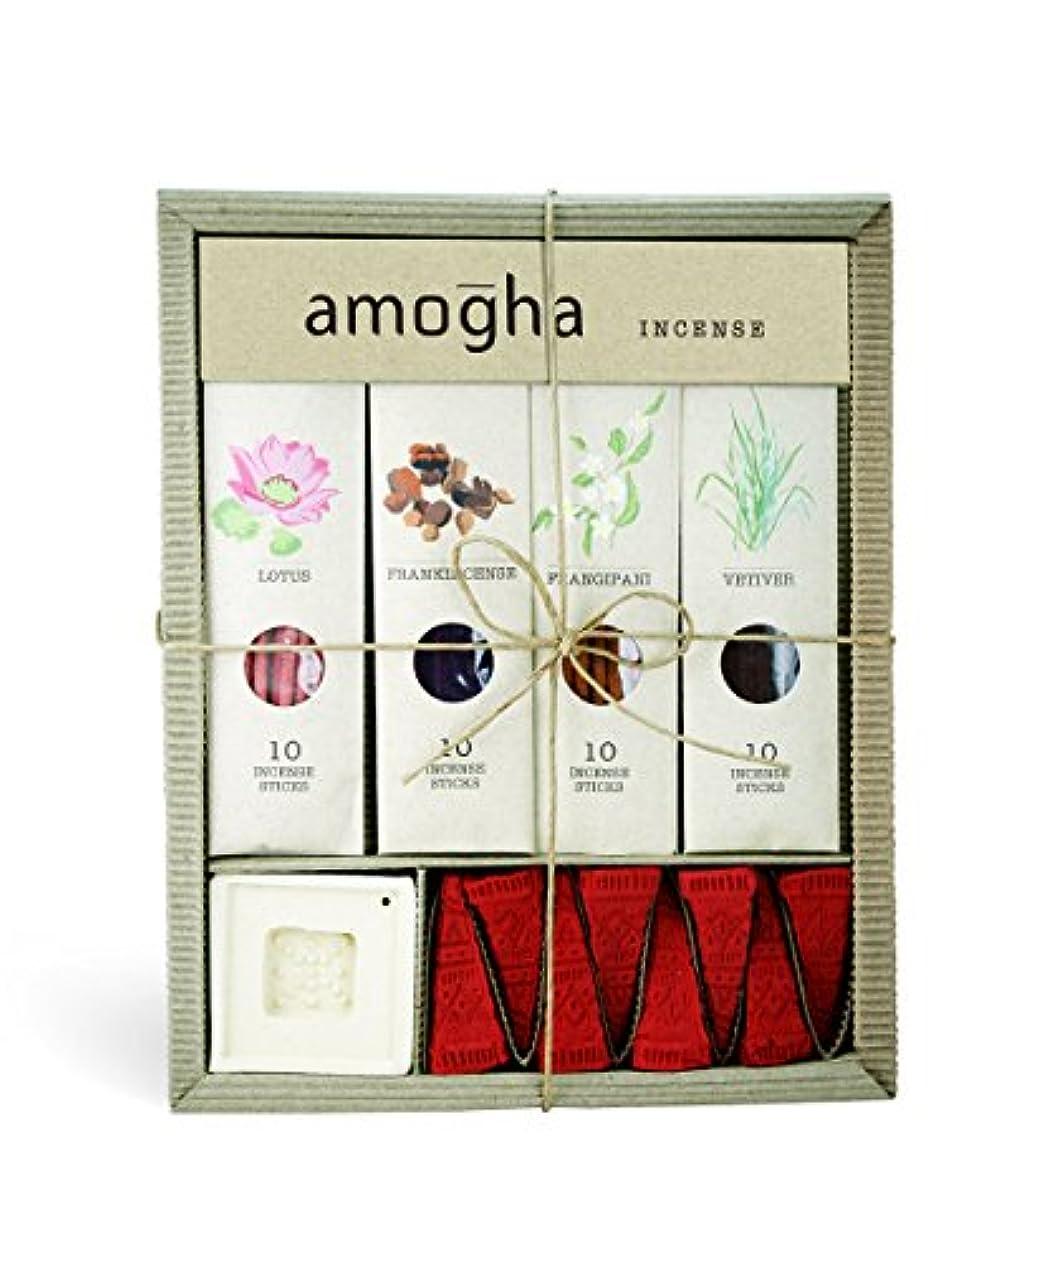 シェード登る分離するIris Amogha Incense with 10 Sticks - Lotus, Frankincense, Frangipani & Vetiver Gift Set